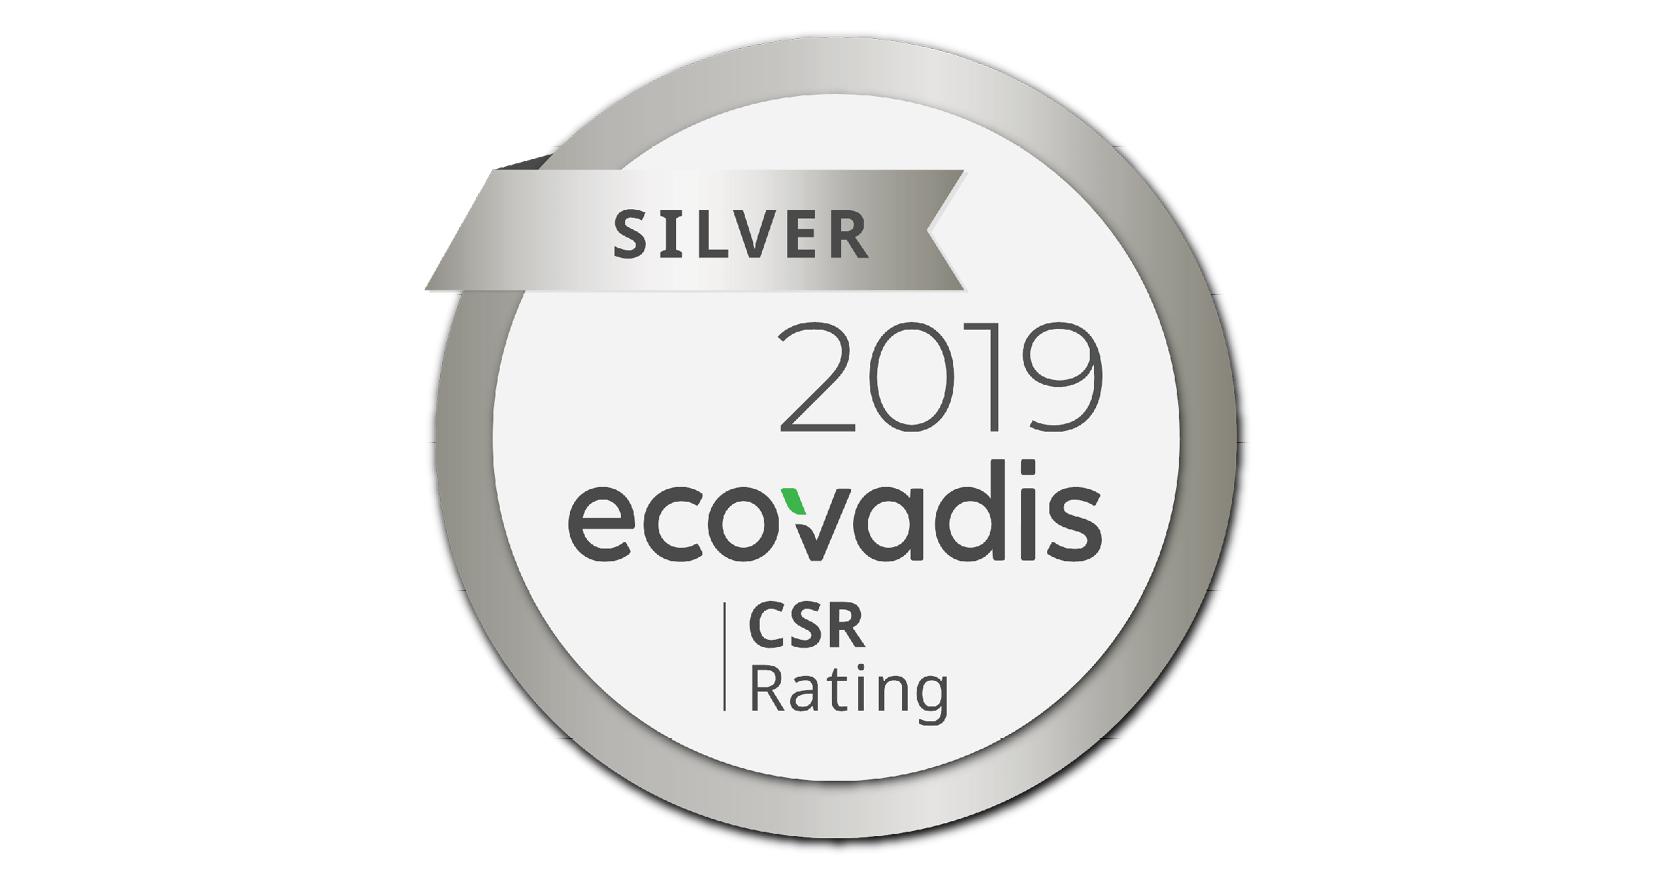 Silver 2019